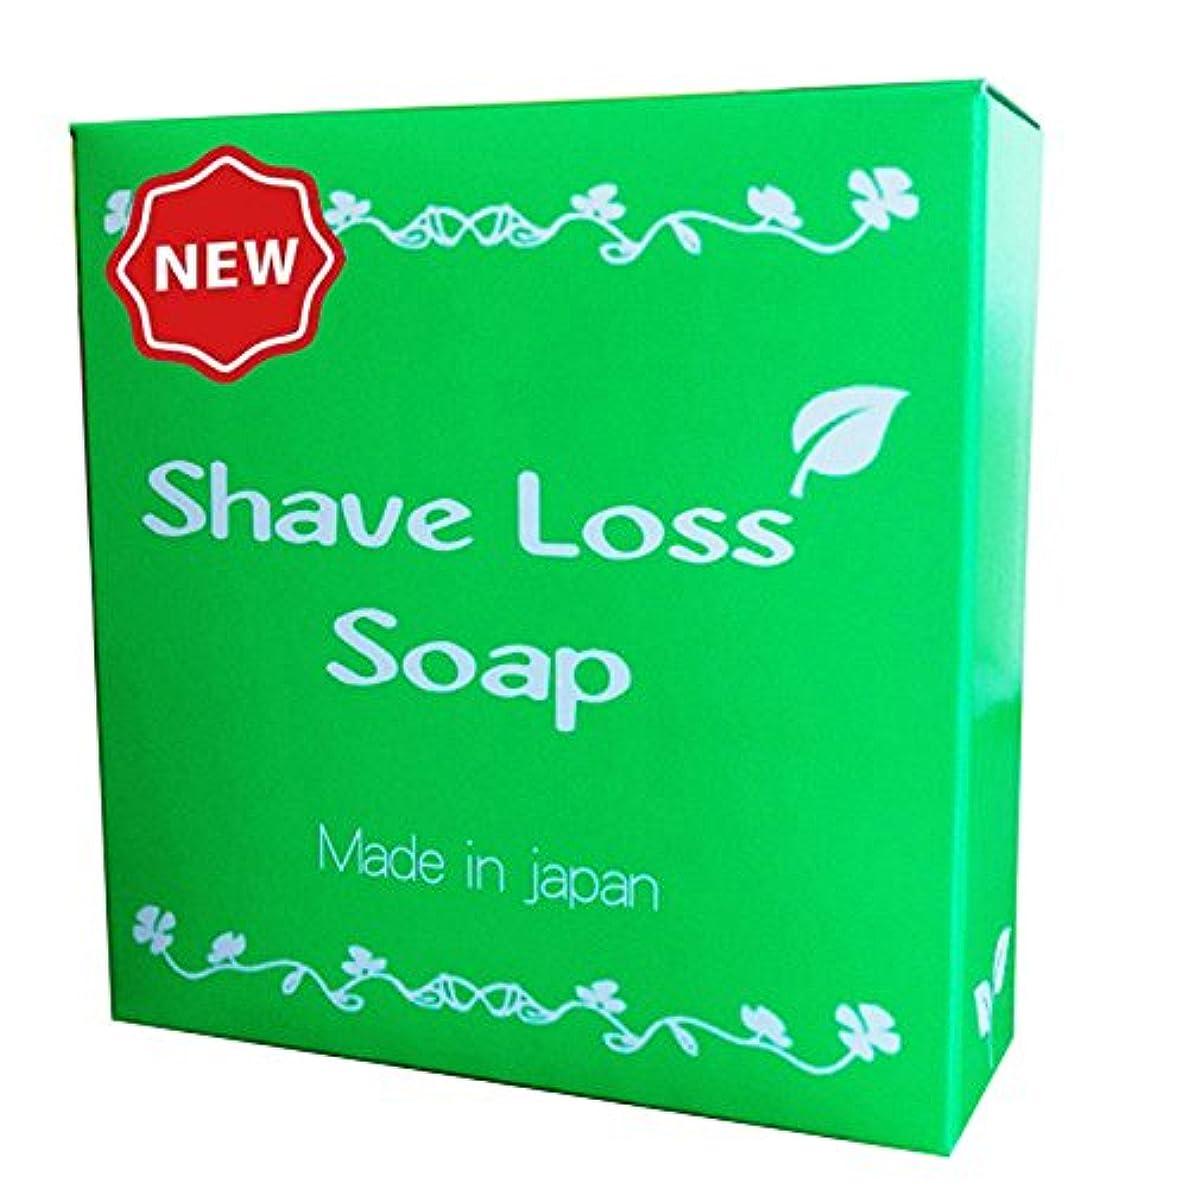 童謡フクロウアッティカス【NEW】Shave Loss Soap 女性の願いを叶える 石鹸 80g 「ダイズ種子エキス」 「ラレアディバリカタエキス」大幅増量タイプ